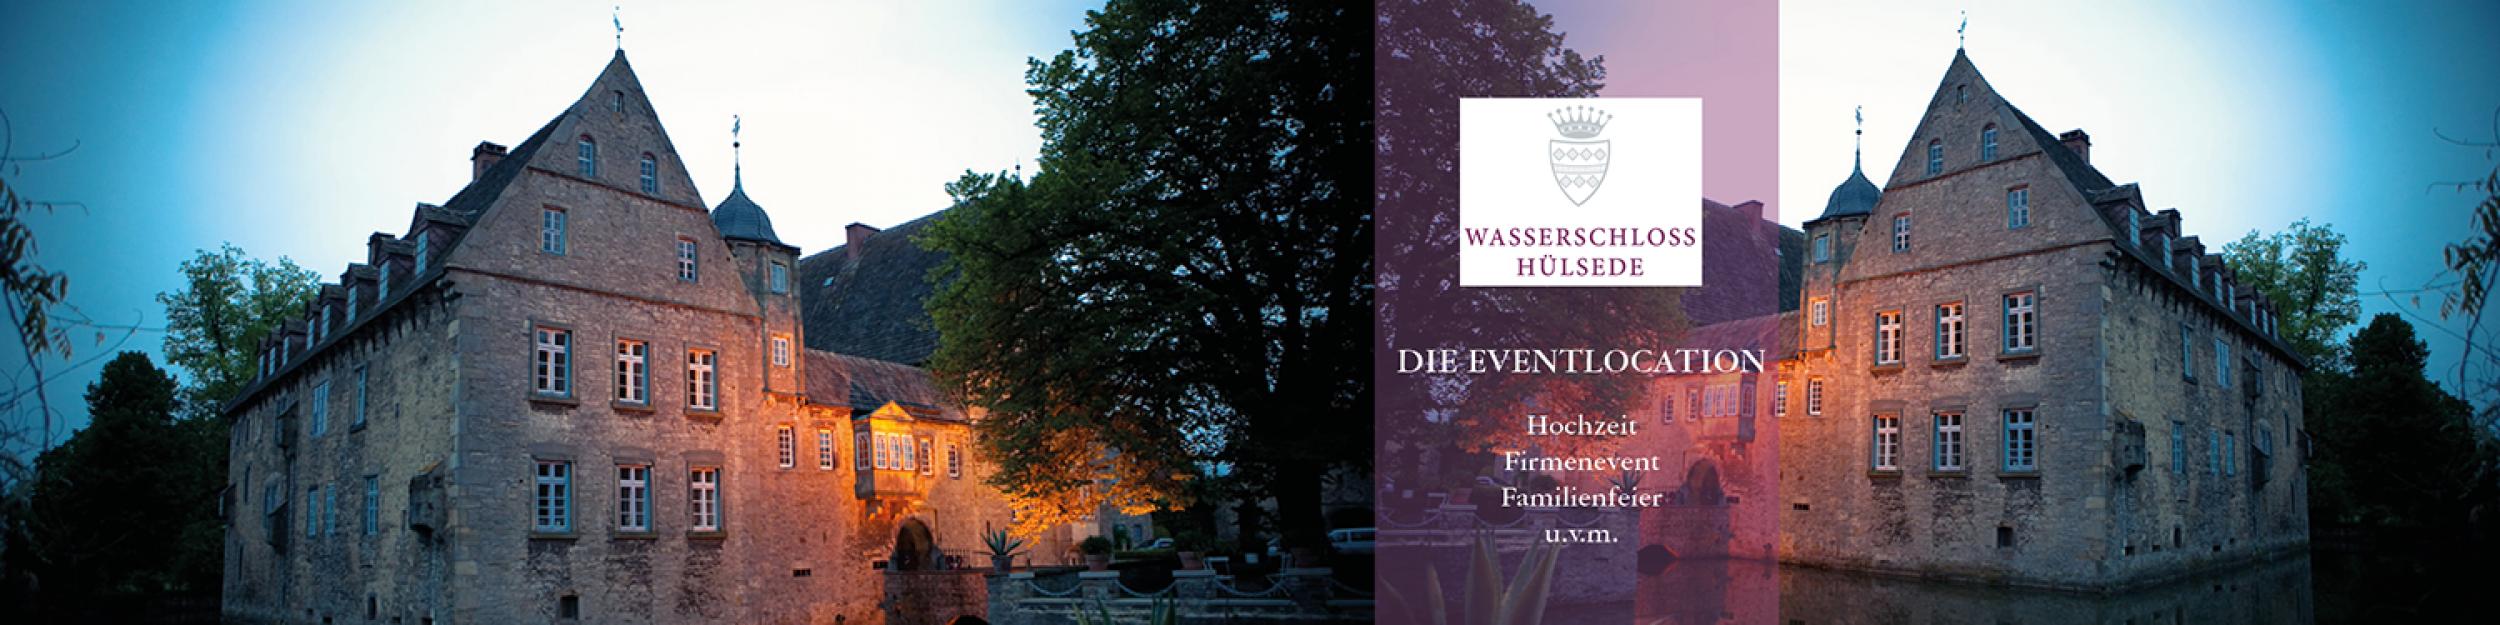 Wasserschloss Hülsede – Hochzeiten, Events und mehr!